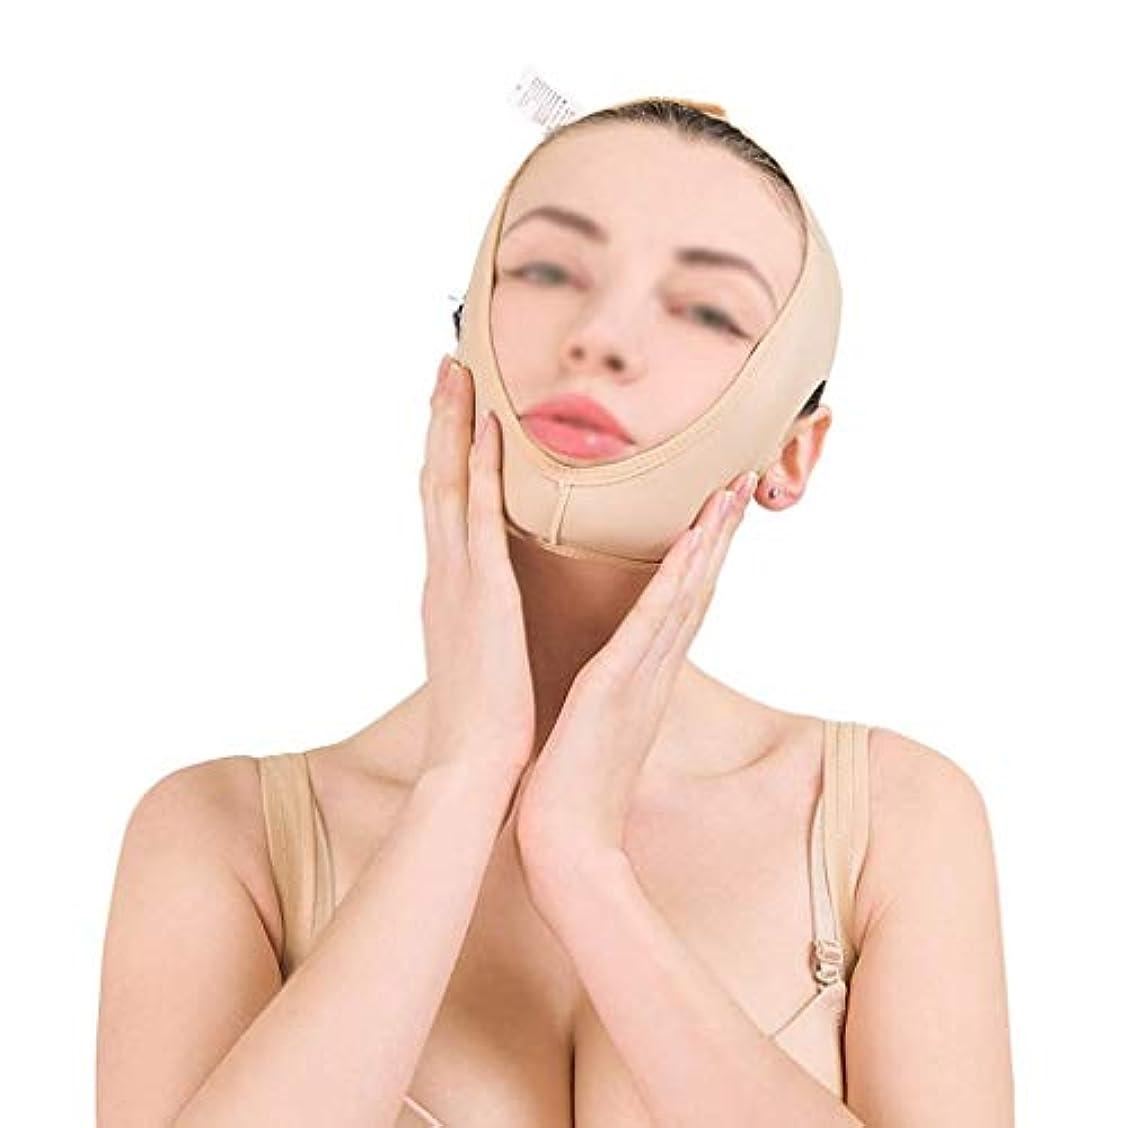 マスク減量、肌の包帯を引き締めるリフティングフェイスバンド、フェイスリフティング、ダブルチンビューティバンデージ、フェイスリフト(サイズ:L),XL